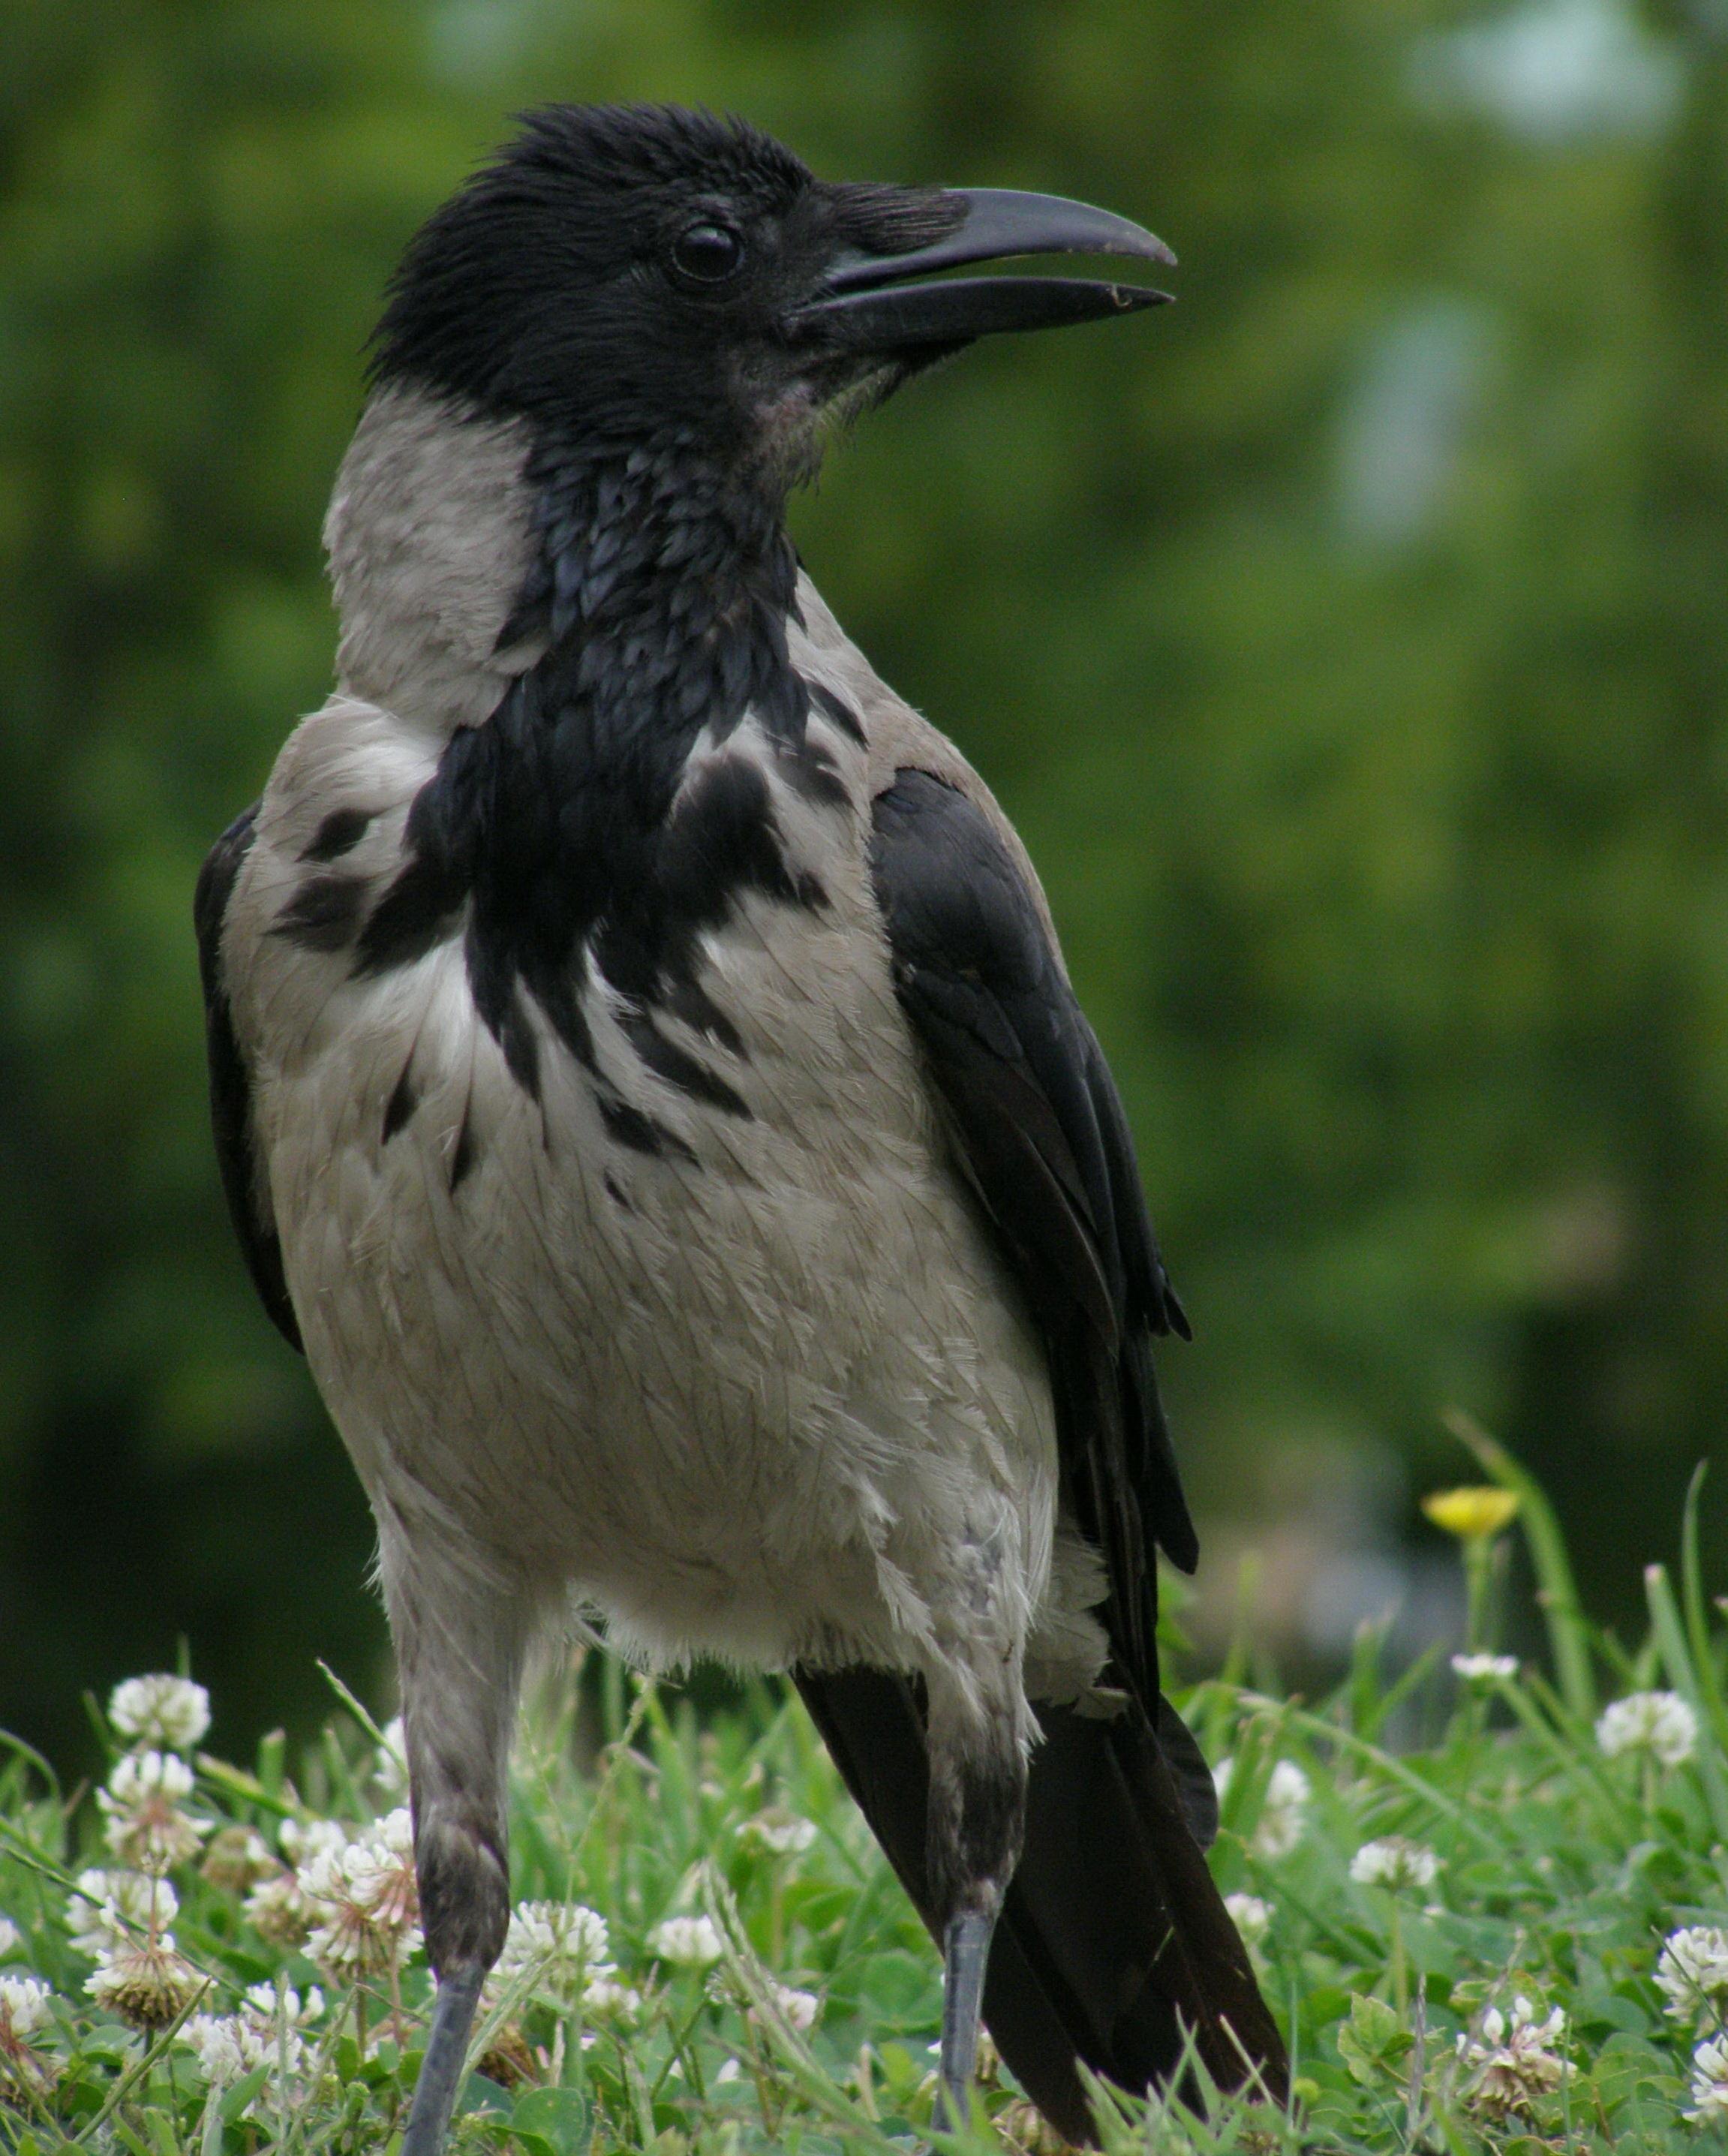 A büszke dolmányos, mondhatnánk erre a képre. Nagy szerencse, mikor a madarak ilyen szépen állnak be egy fotóra ;)!